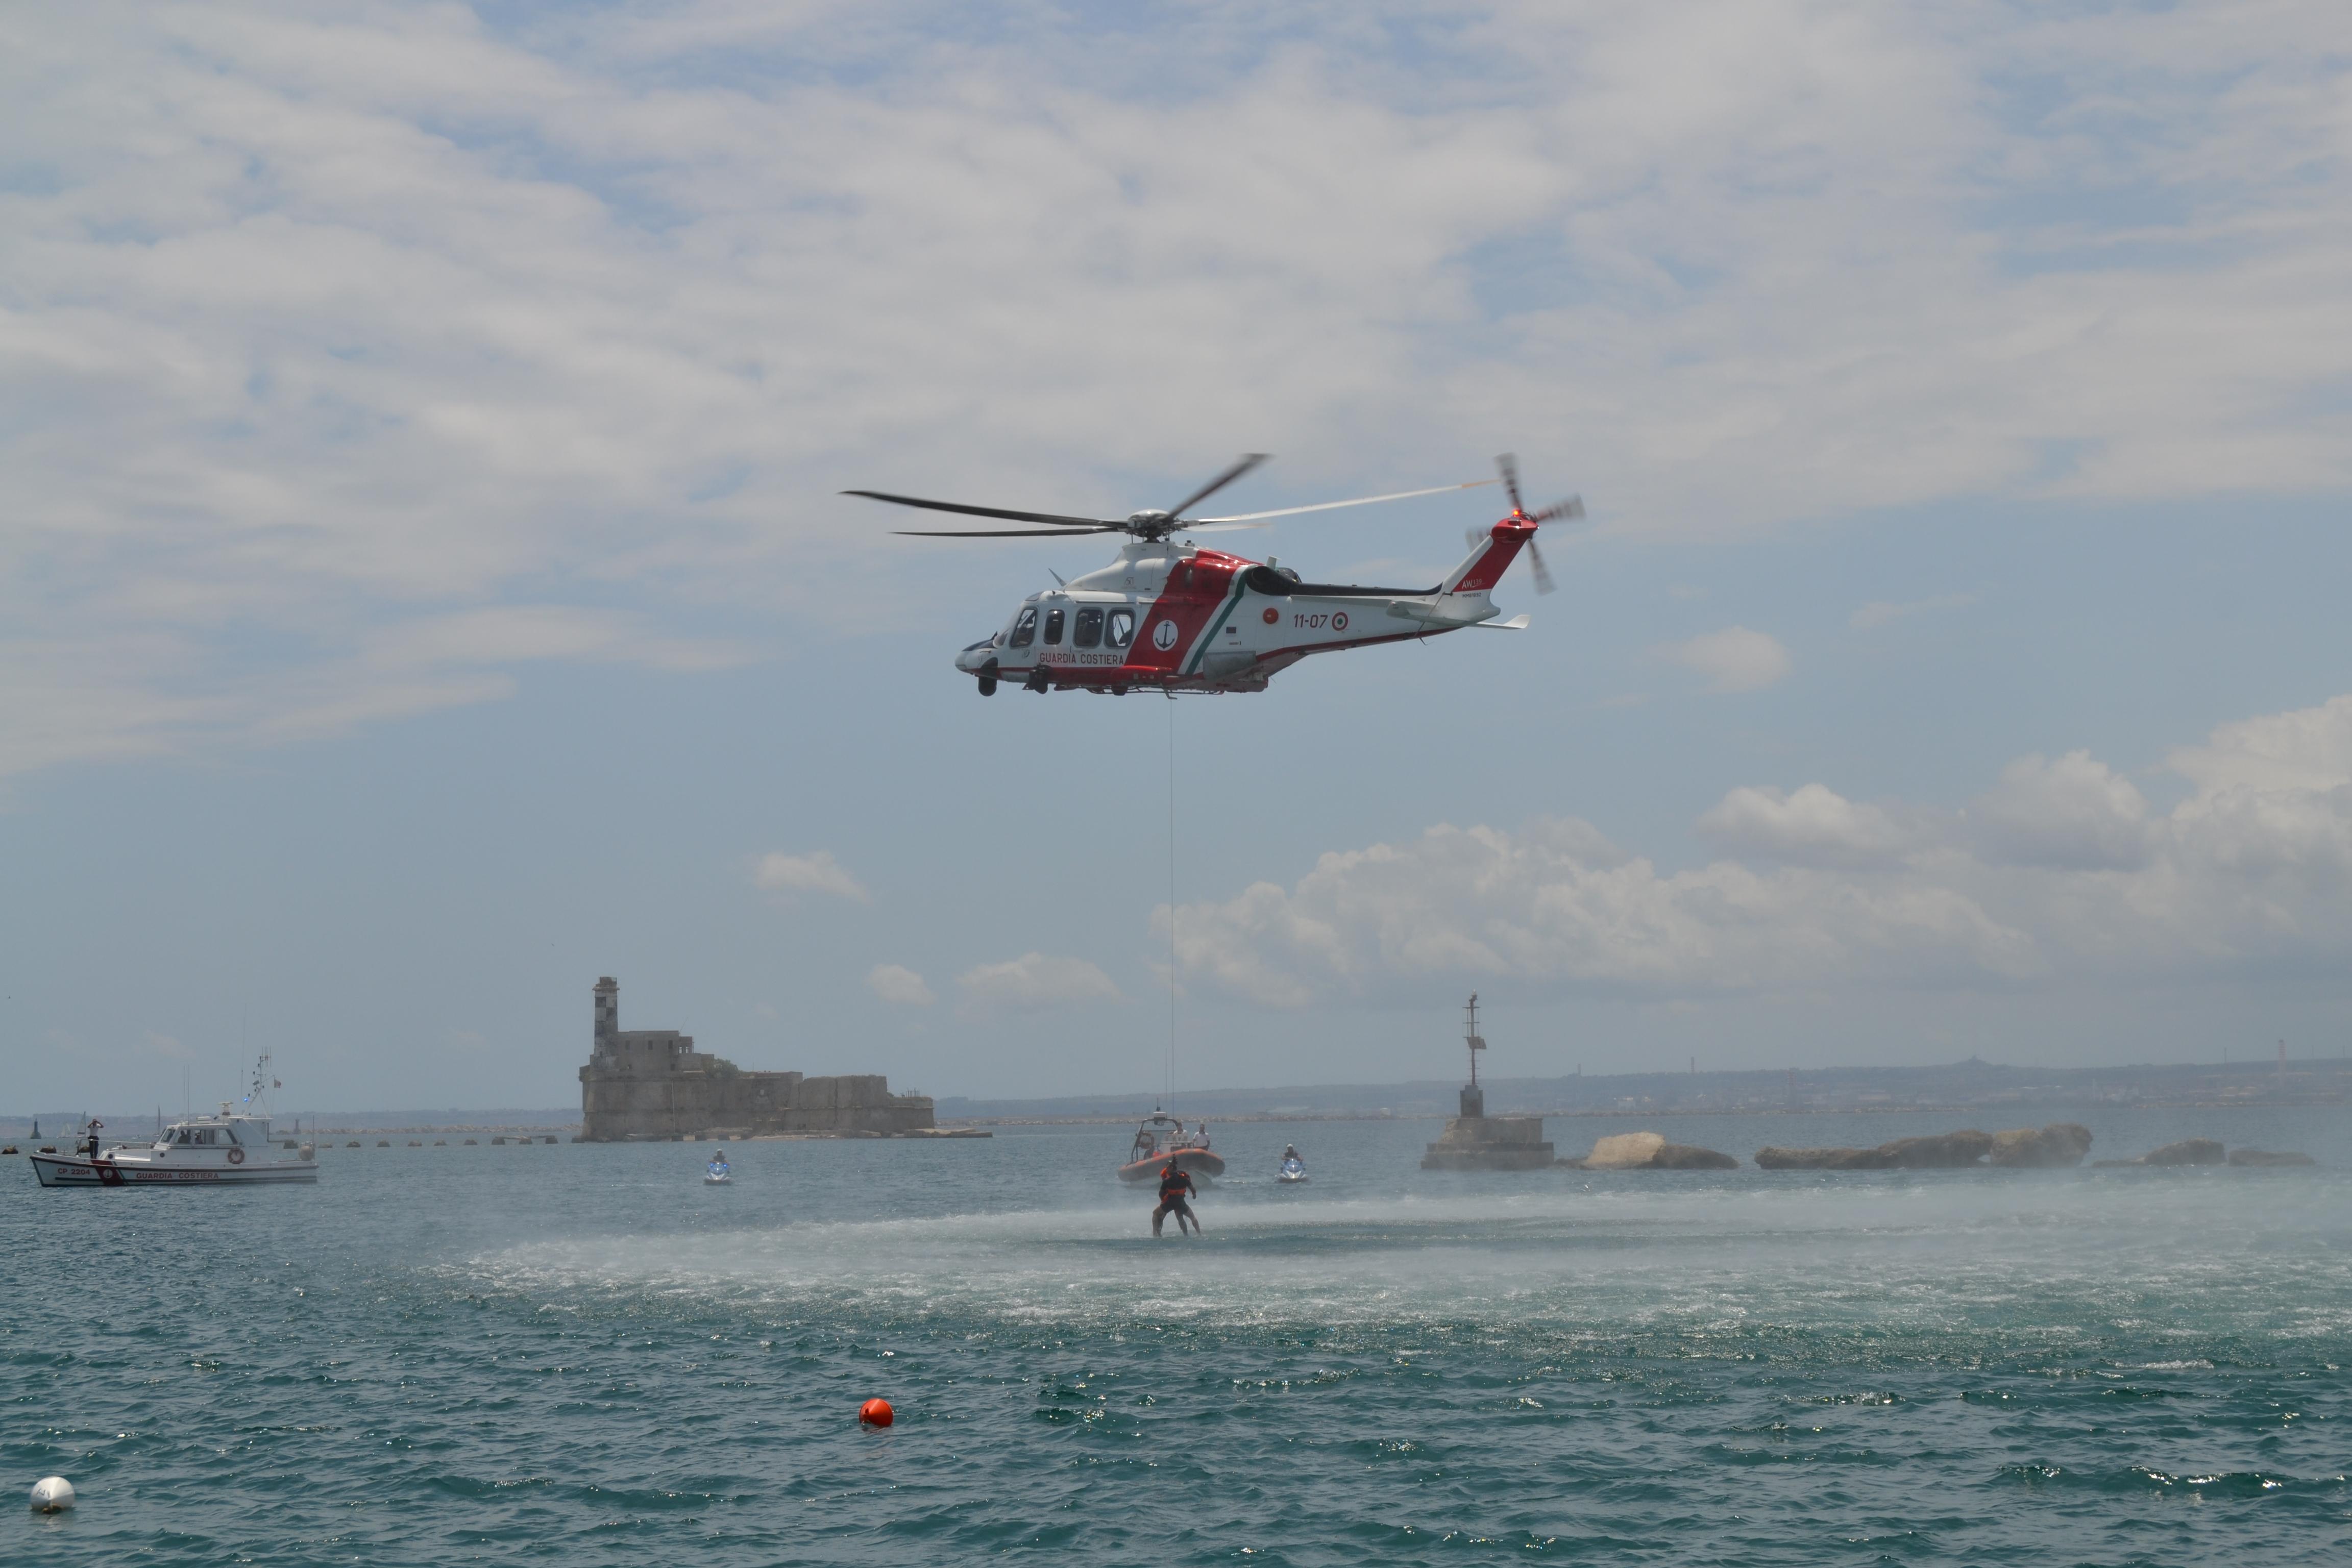 Esercitazione della Guardia Costiera – Open Day di MARISICILIA – Recupero di un naufrago ed estinzione di un incendio con impiego di un elicottero GC e di unità navali.